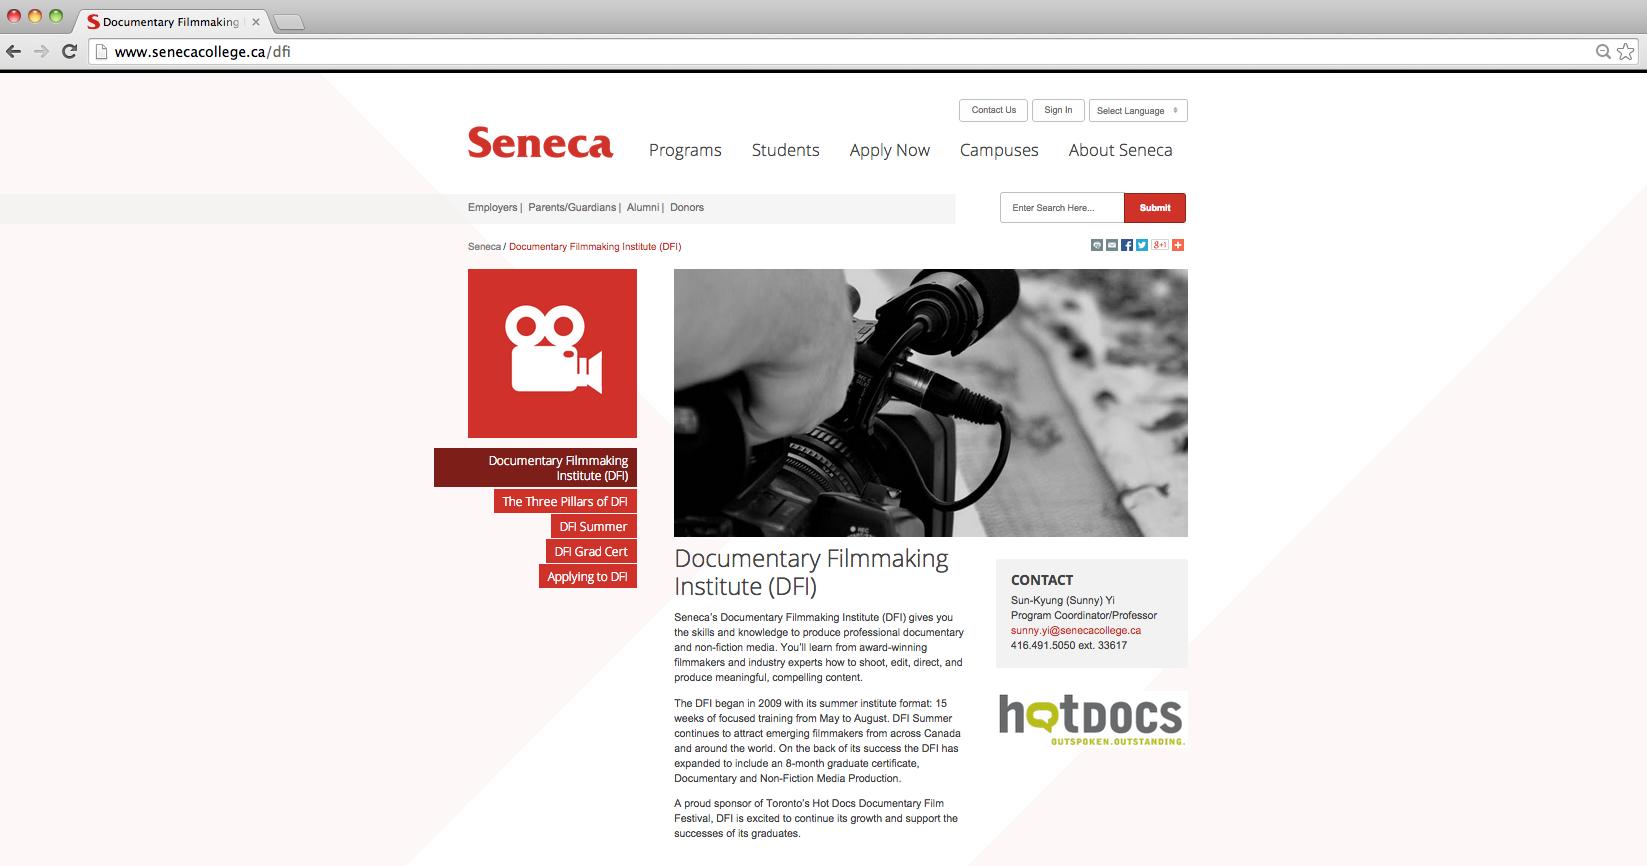 Seneca College Documentary Filmmaking Institute